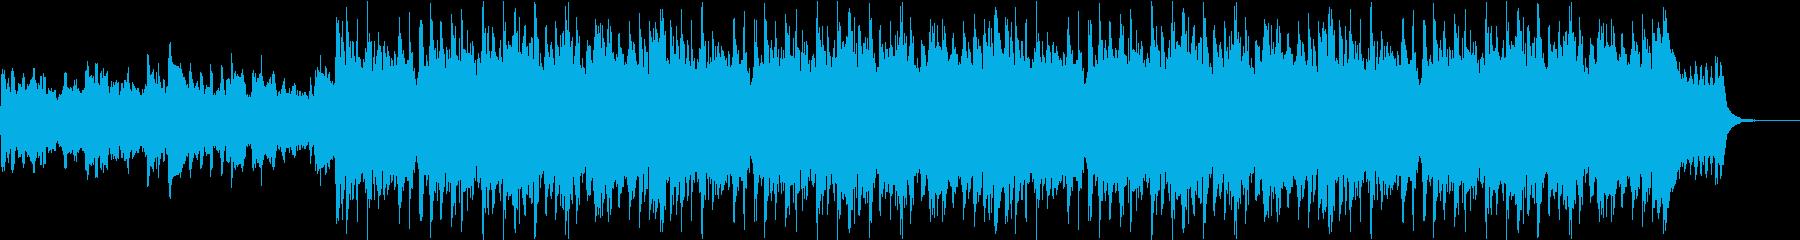 ドラマチックなサウンドの再生済みの波形